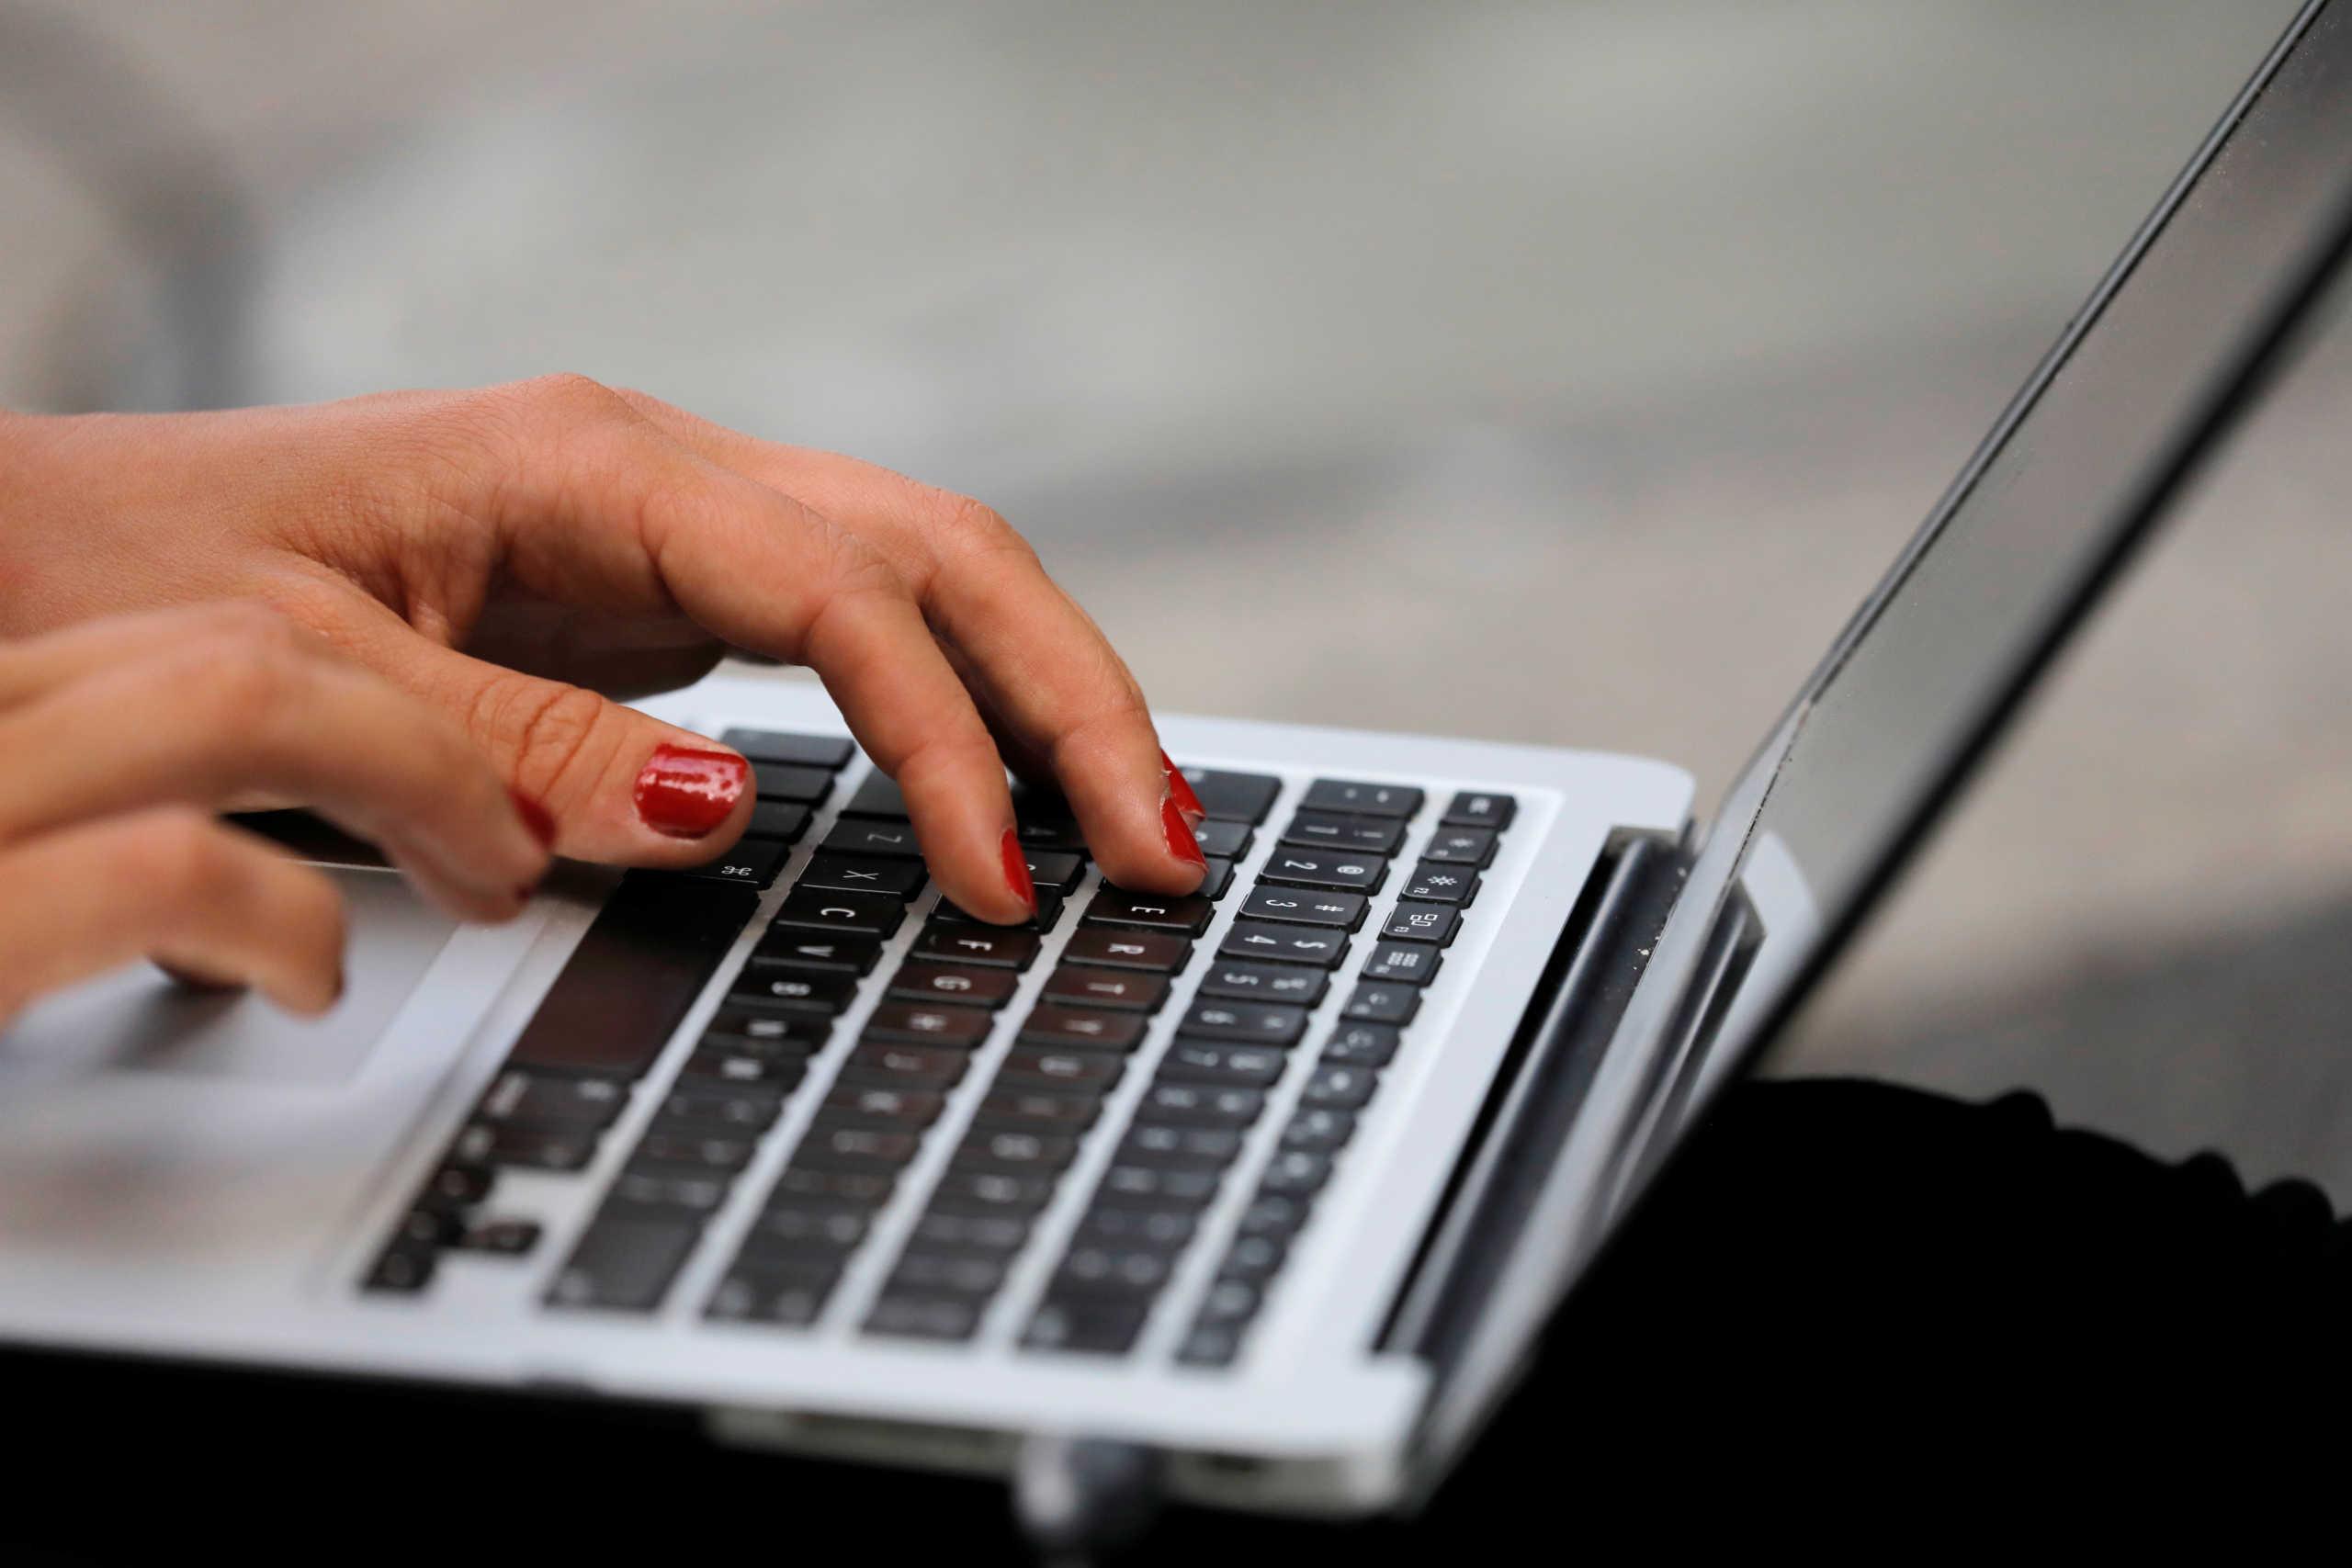 Θεσσαλονίκη: Σε εφαρμογή τα ηλεκτρονικά ραντεβού του δήμου